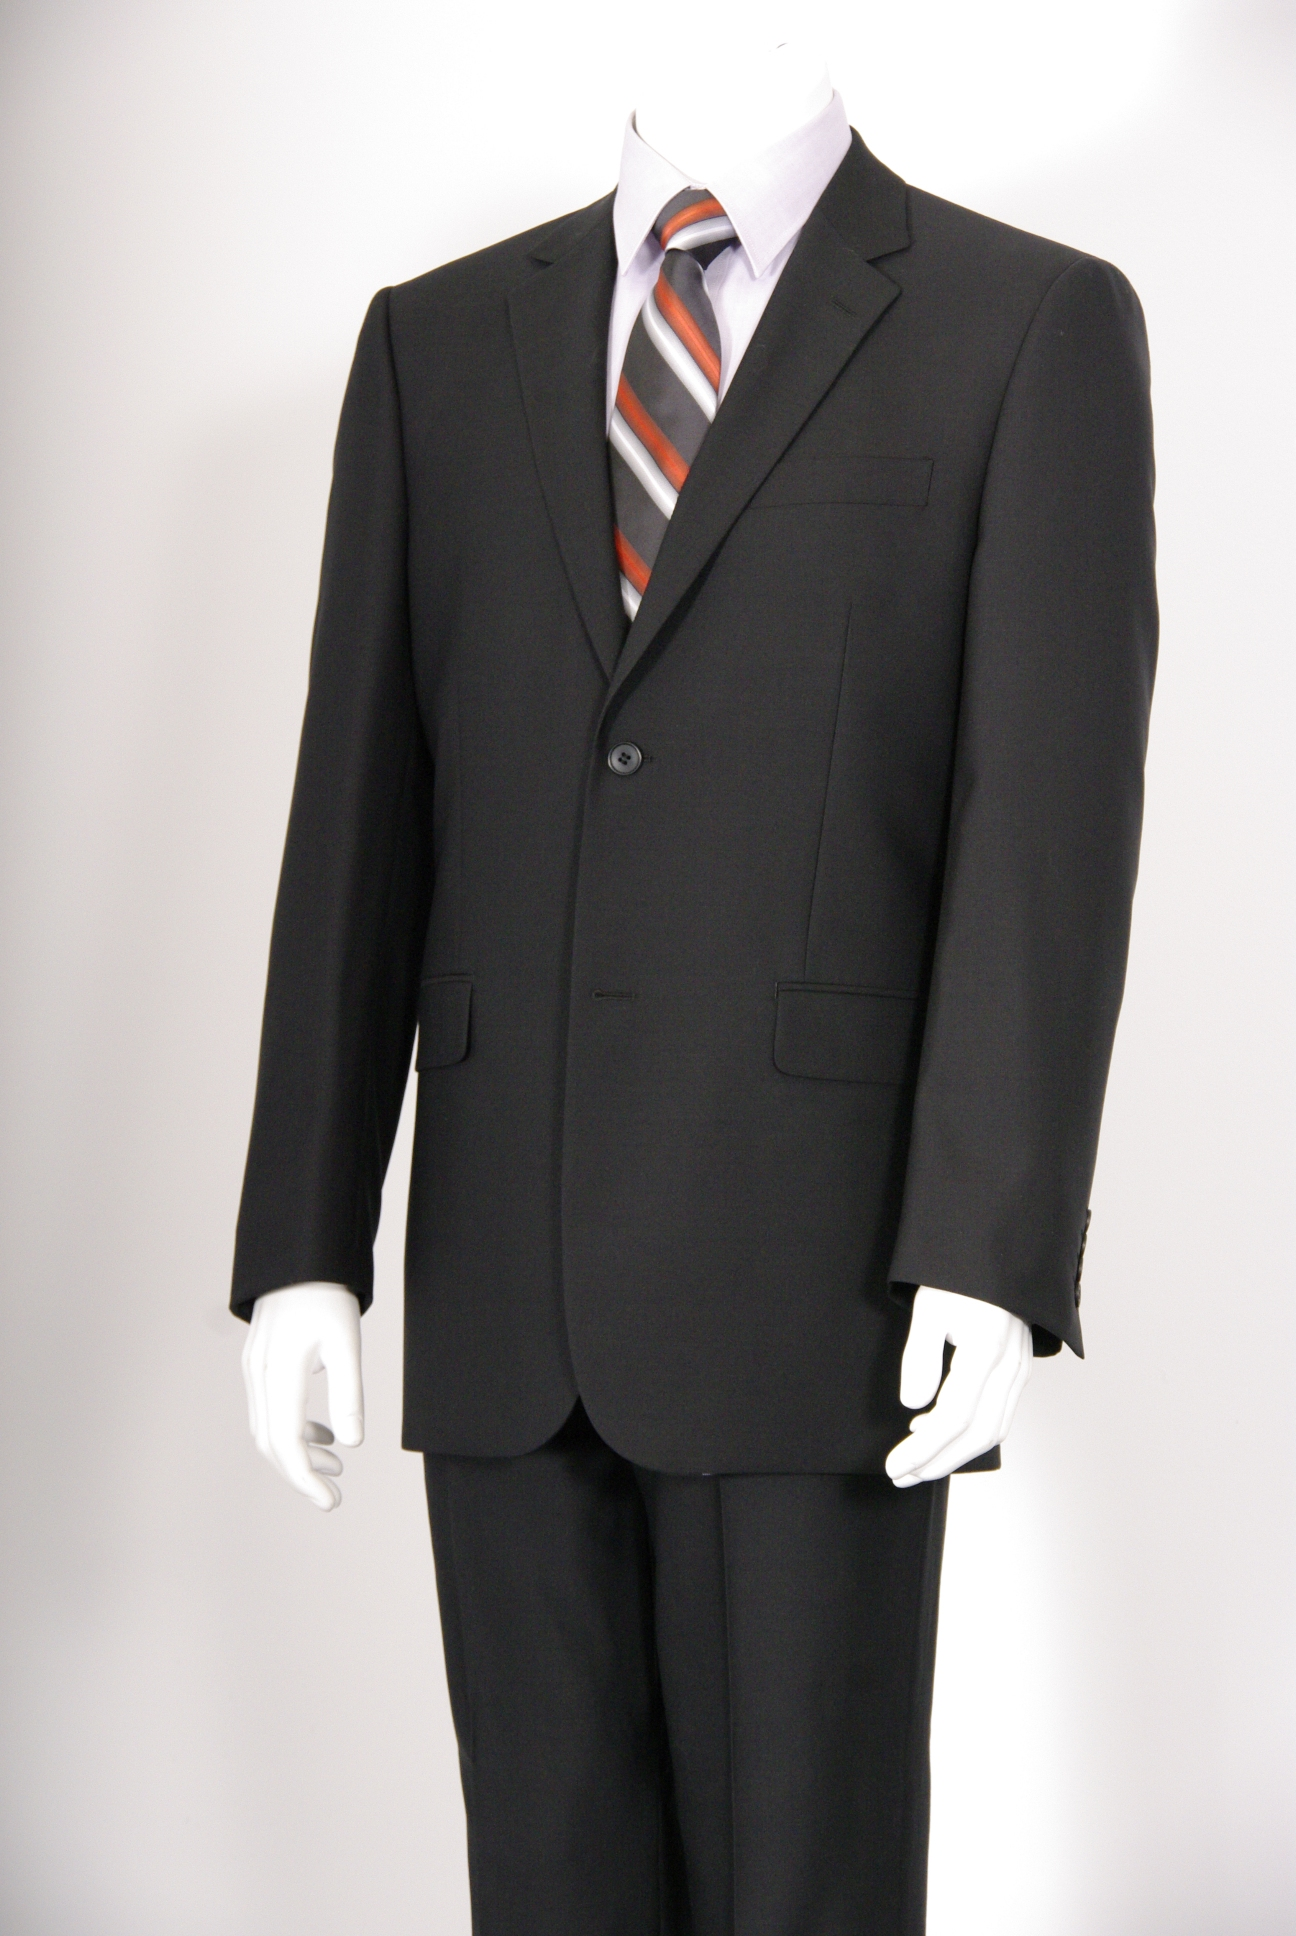 SU207099 Modotti Suit  Career Dressing